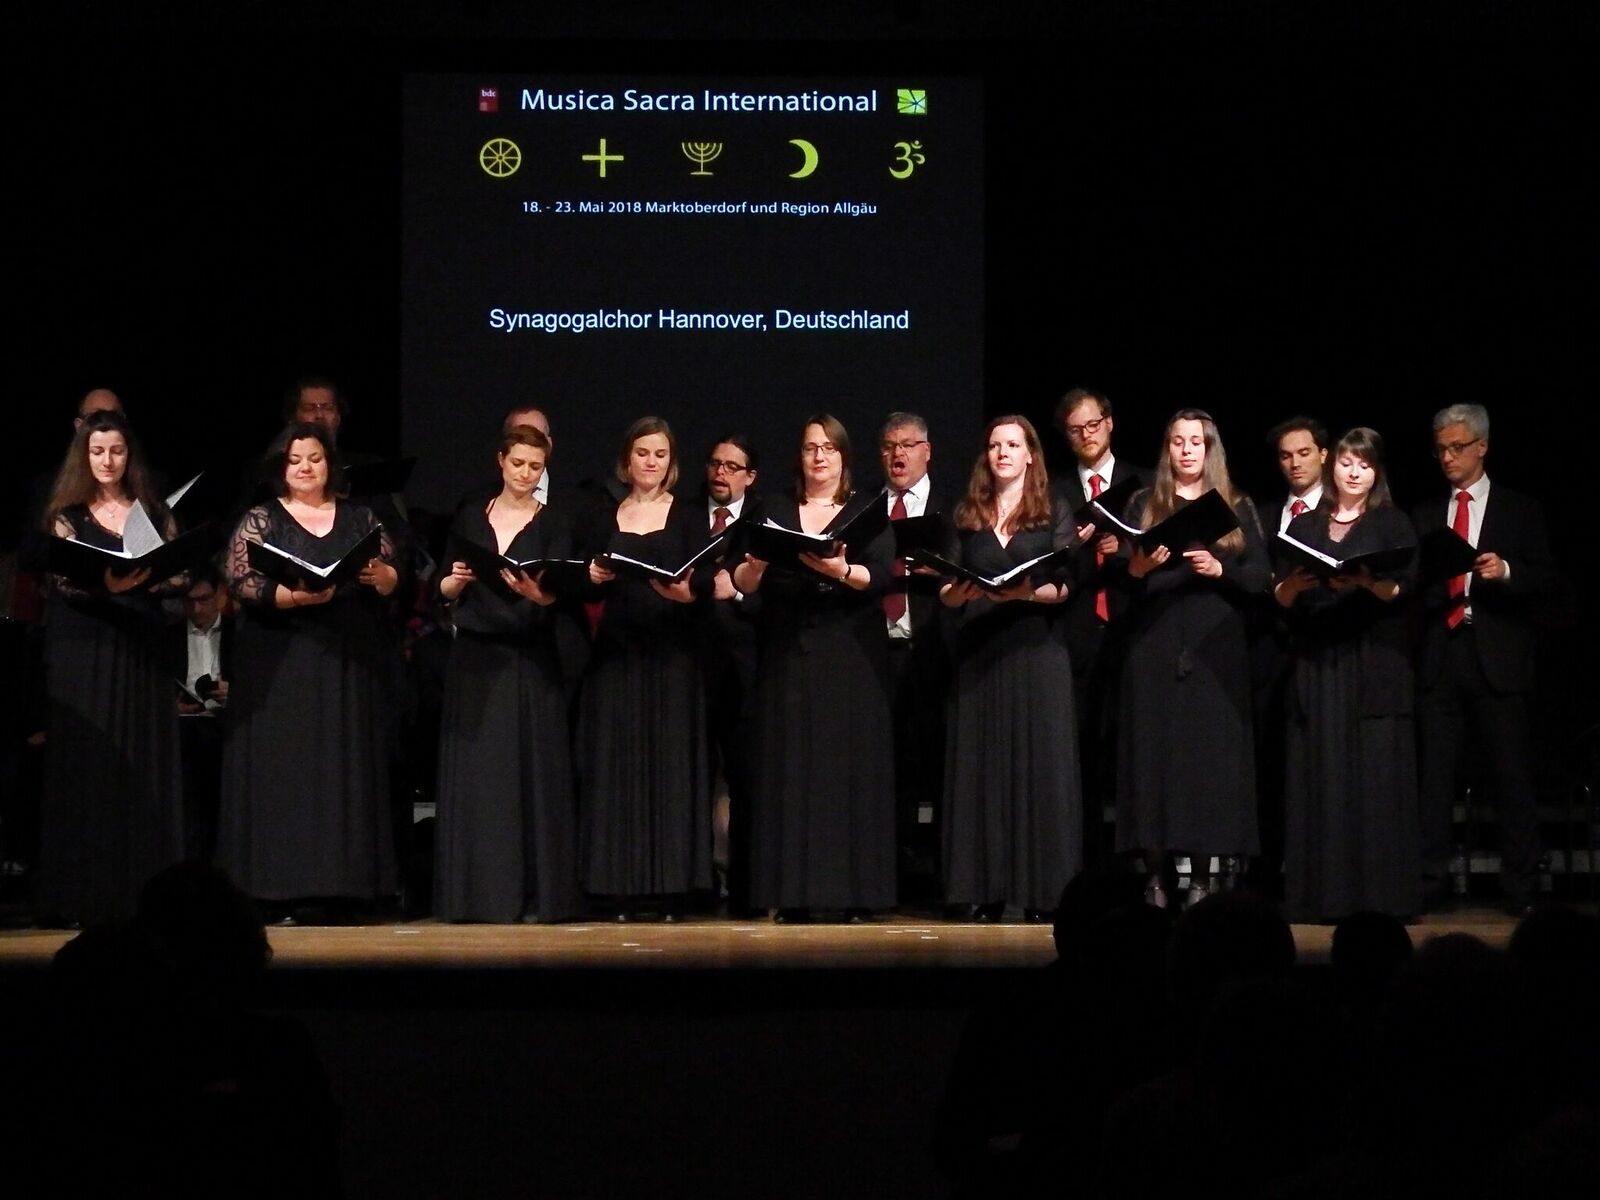 Der Synagogalchor Hannover live 2018 im Großen Saal der Bayerischen Musikakademie Marktoberdorf.